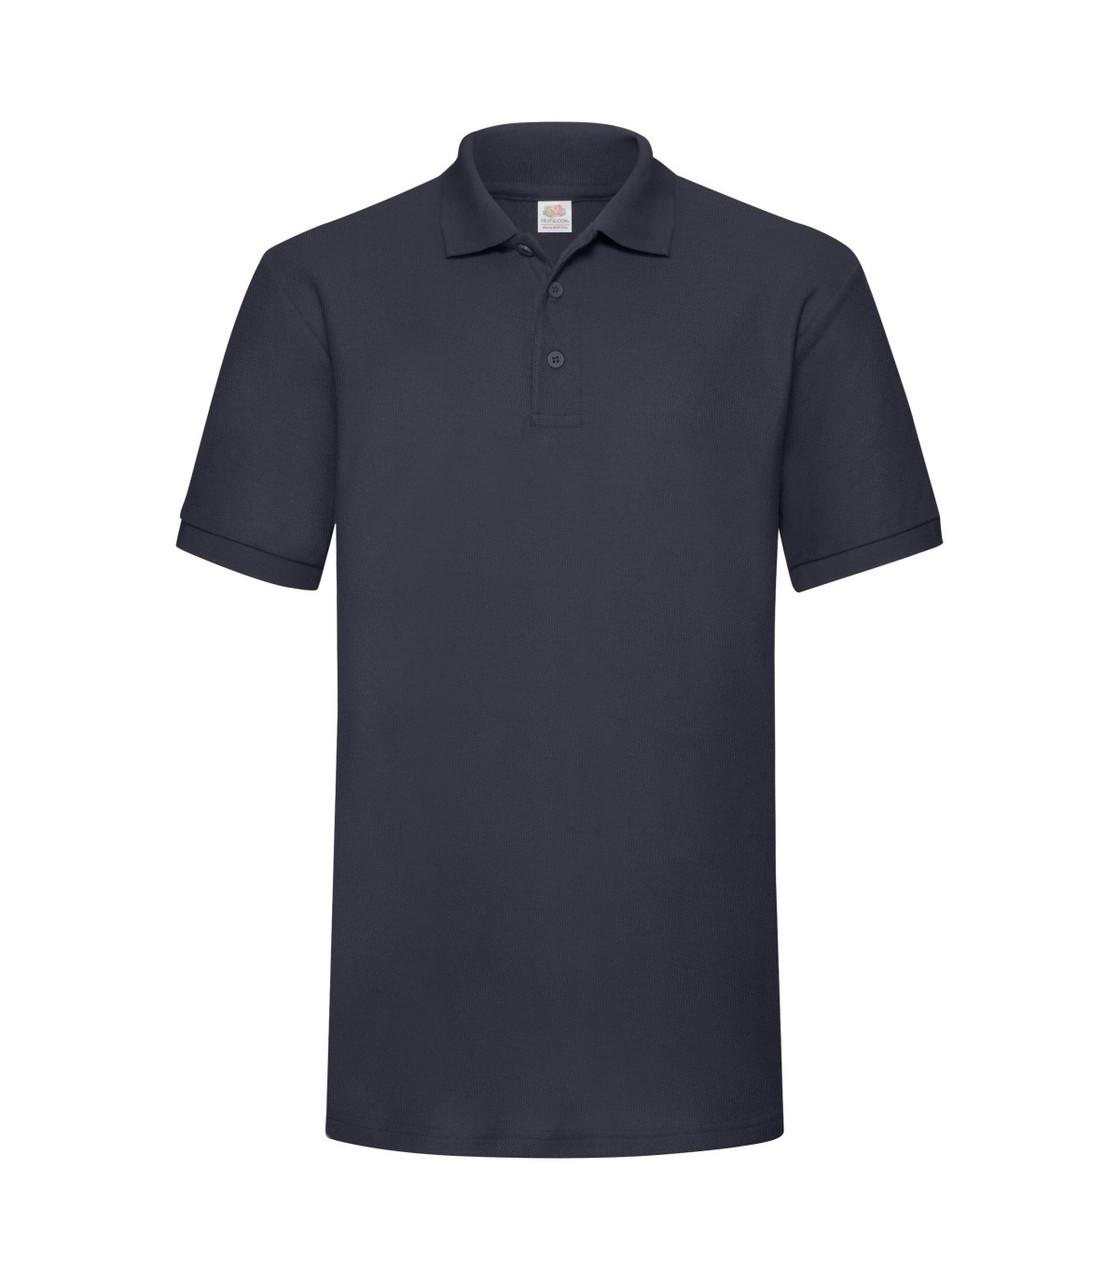 Мужская футболка поло плотная глубоко темно-синяя 204-АЗ